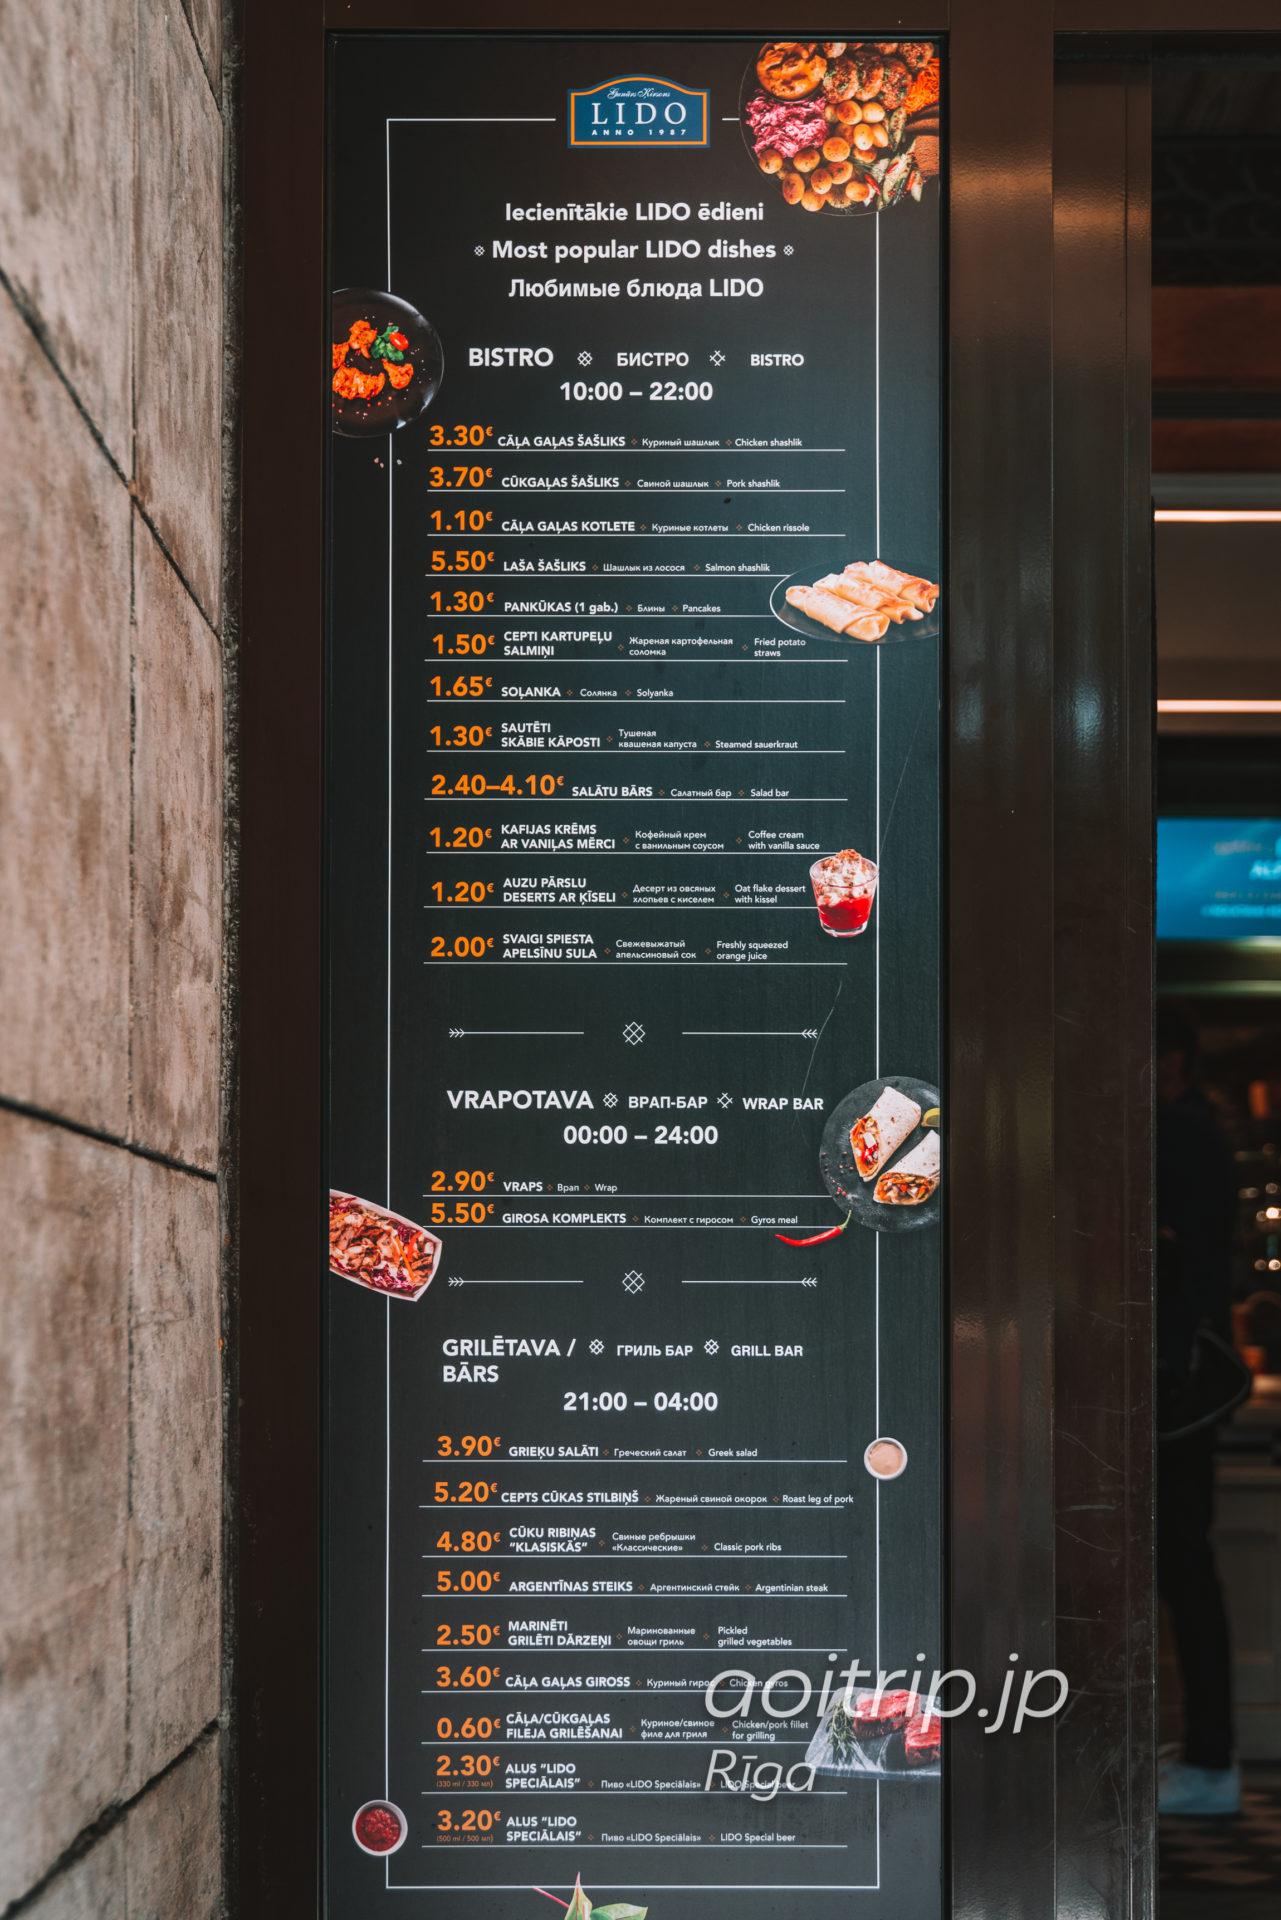 ラトビア リガのレストラン Lido